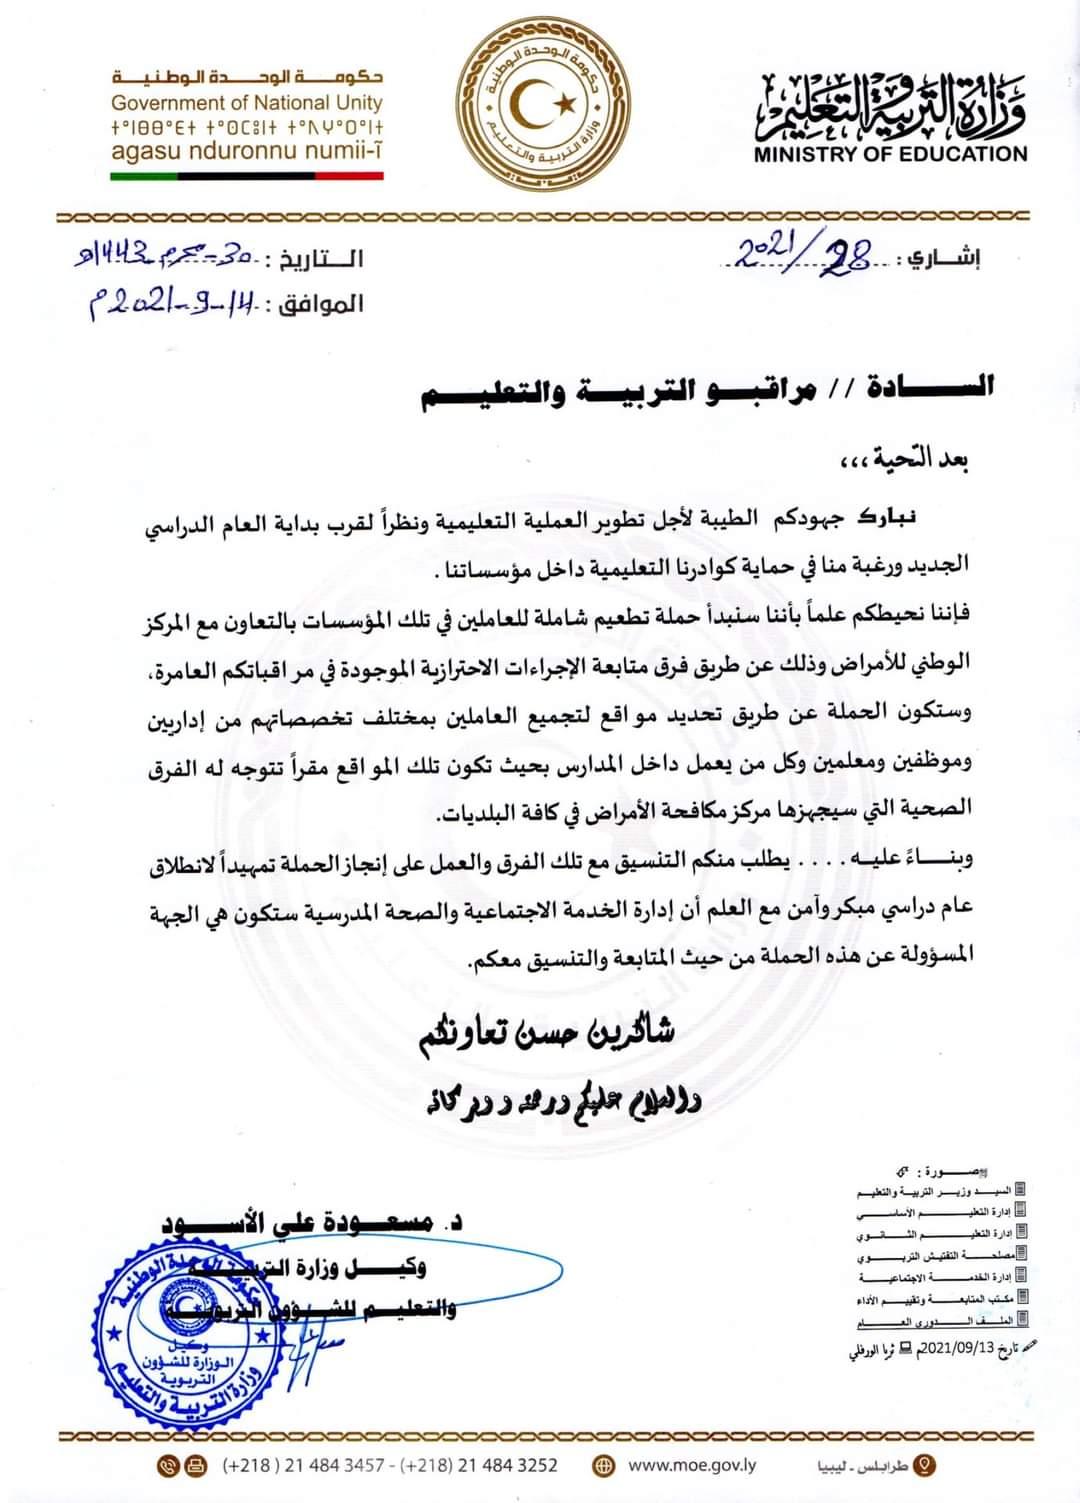 وزارة التعليم تطلق حملة لتلقيح المعلمين قبيل بدء العام الدراسي